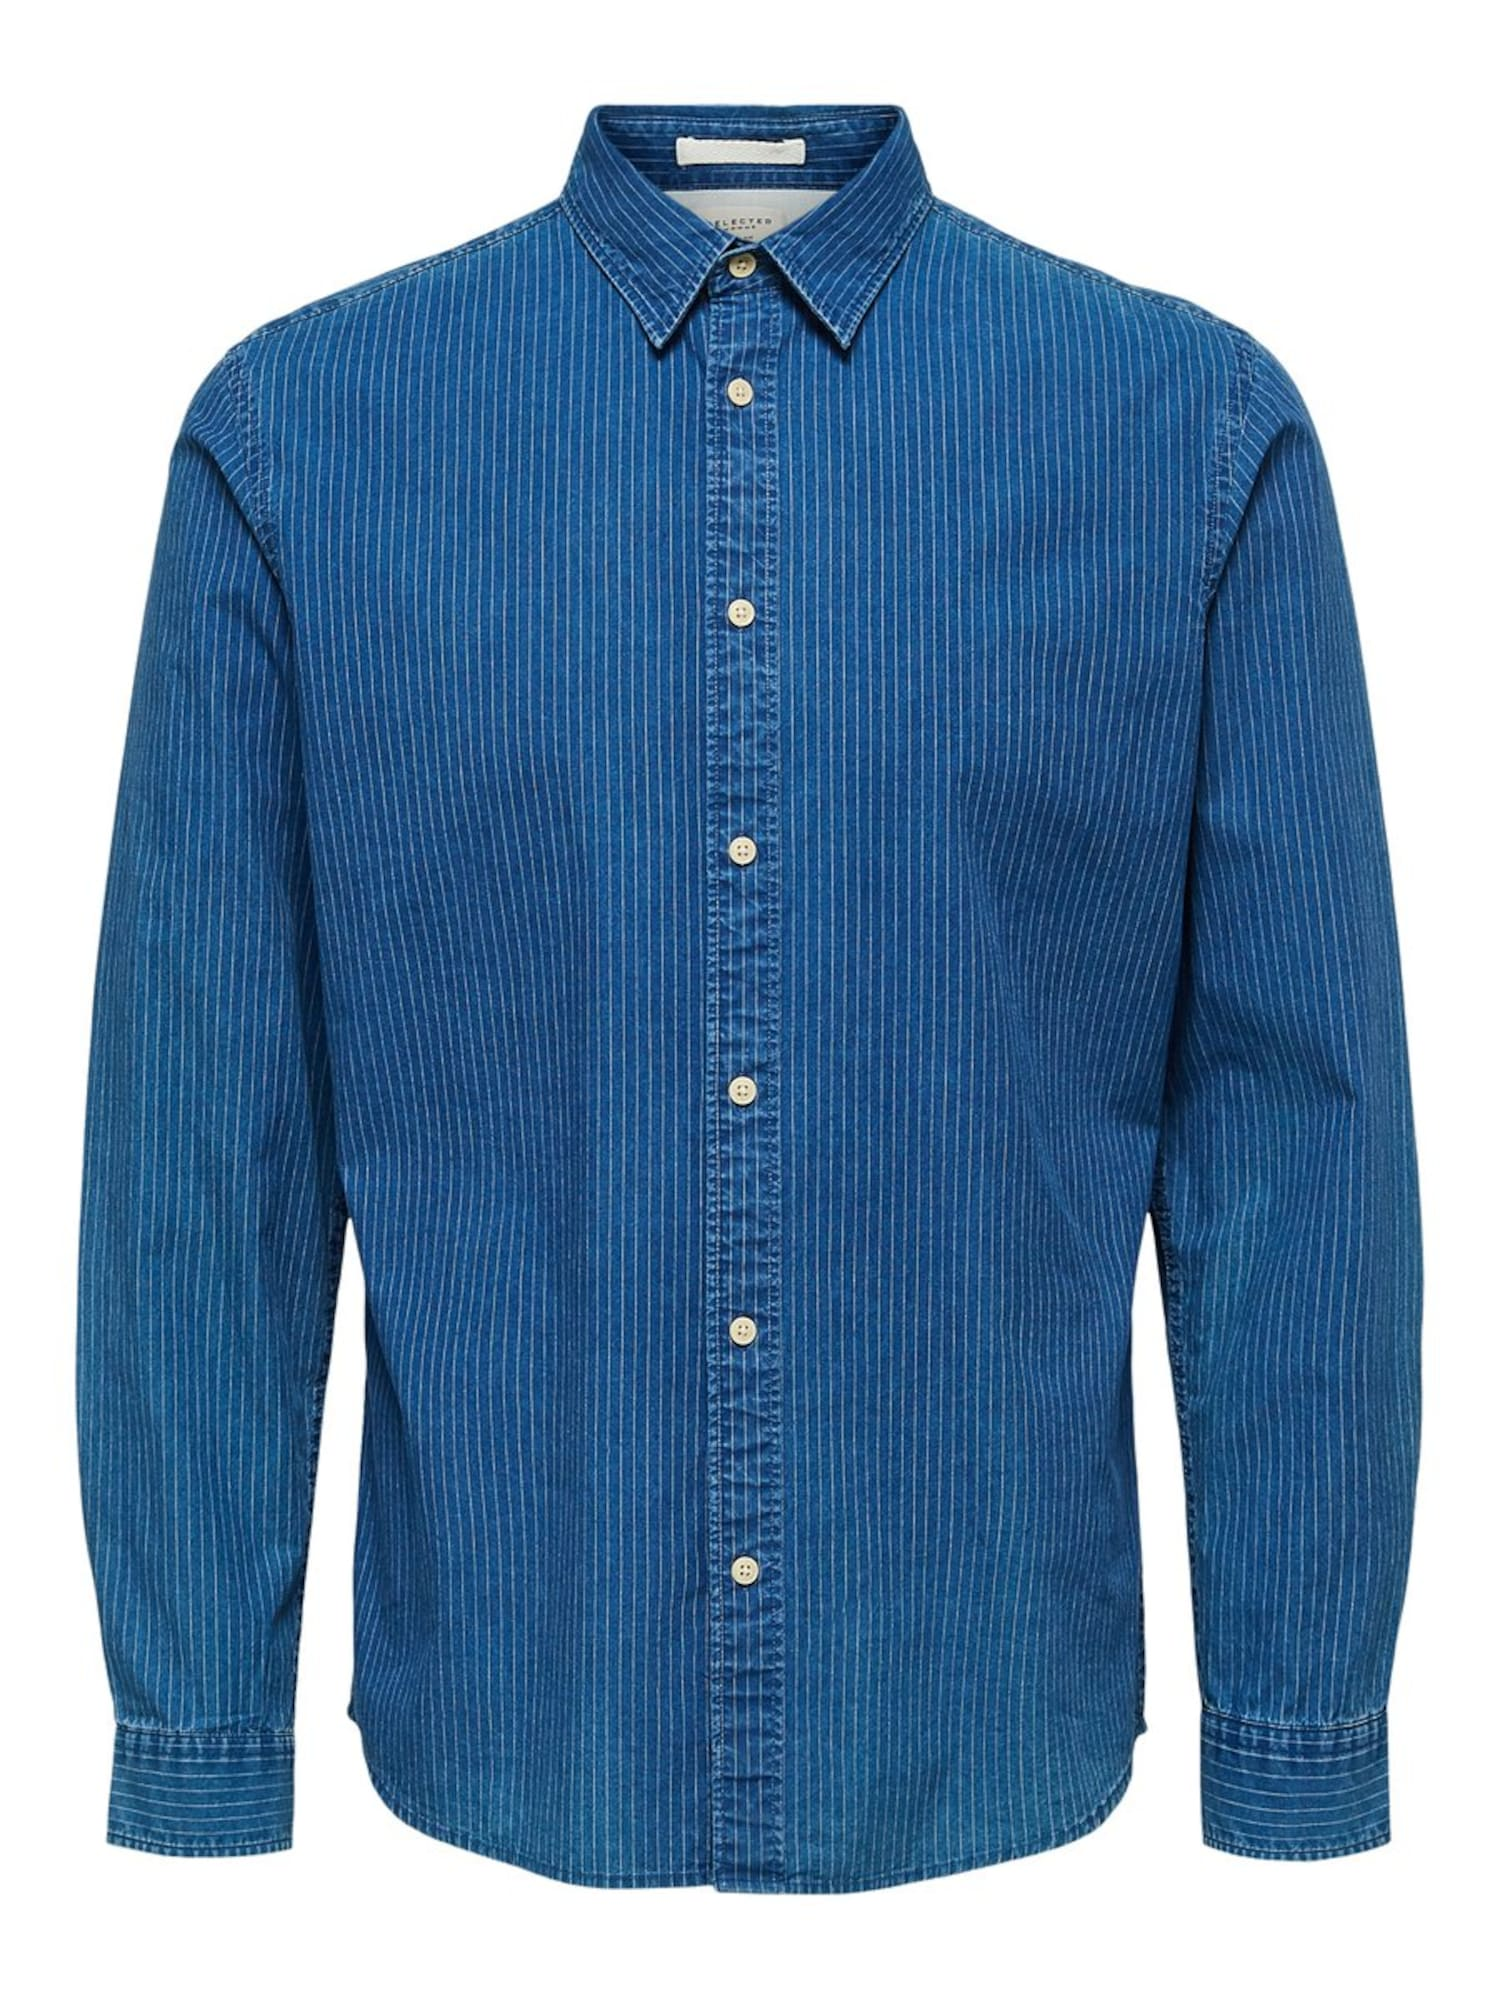 SELECTED HOMME Dalykiniai marškiniai šviesiai mėlyna / dangaus žydra